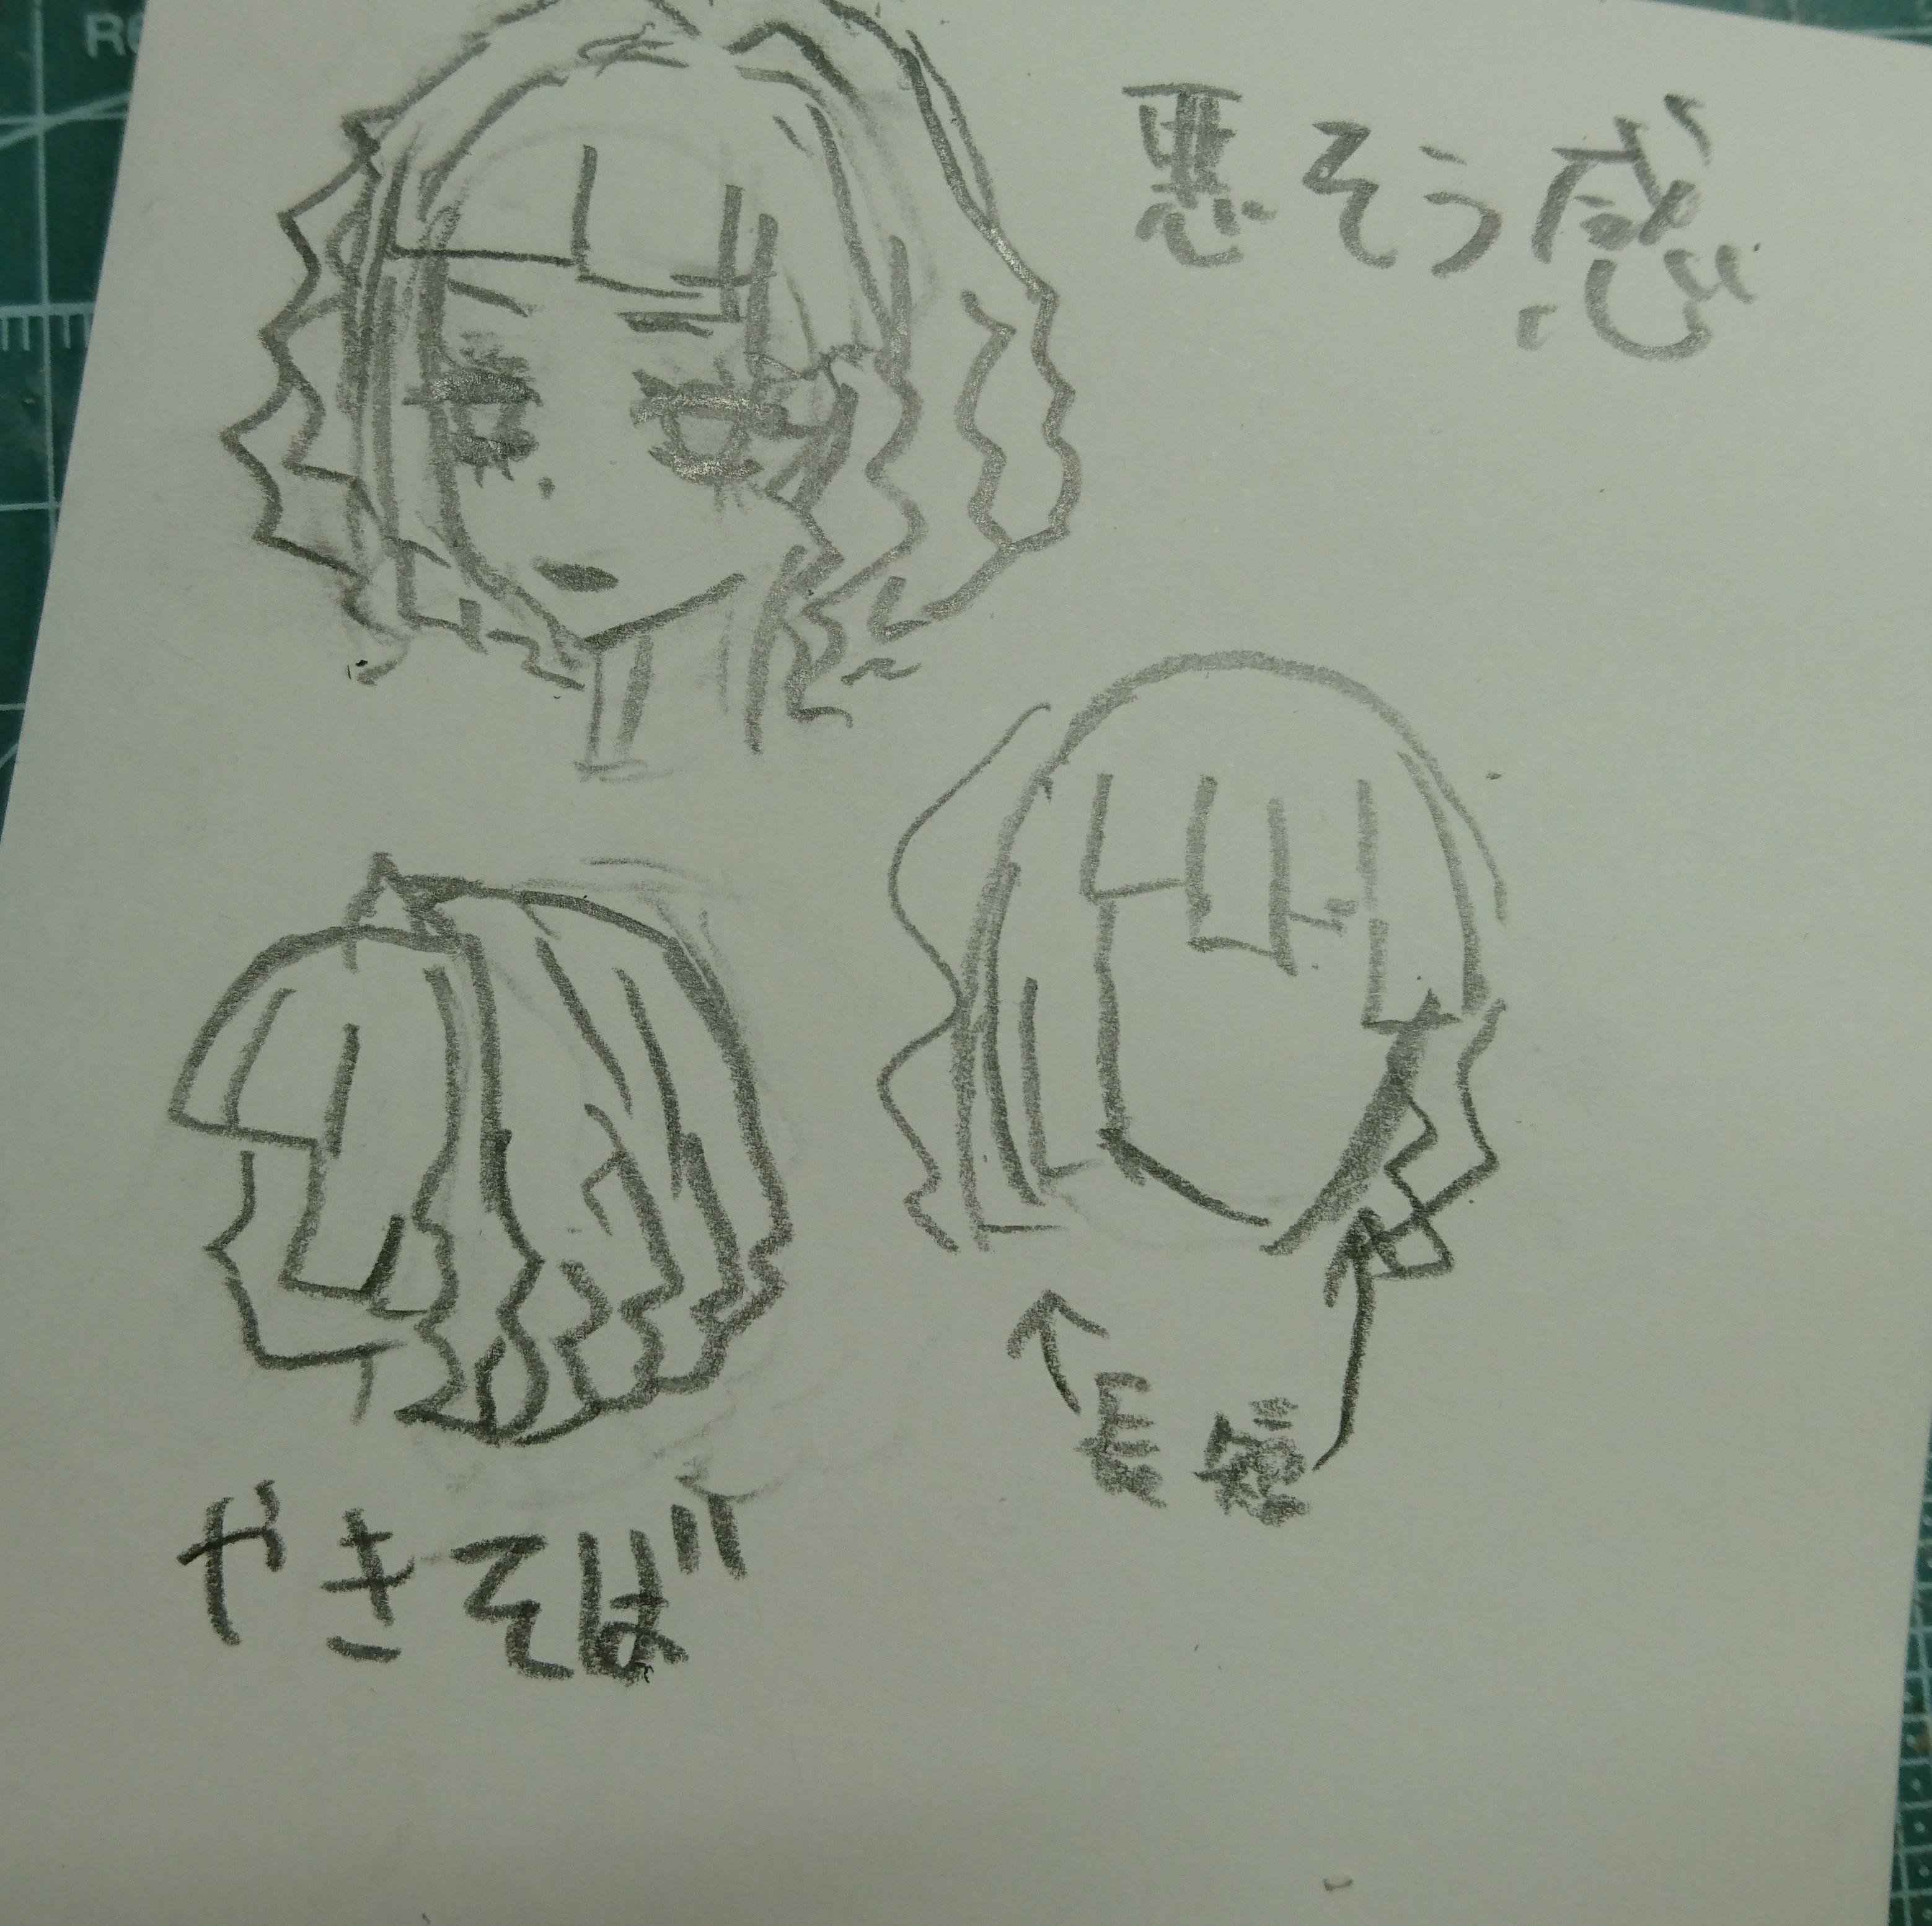 f:id:yoshihihihi:20180825004415j:image